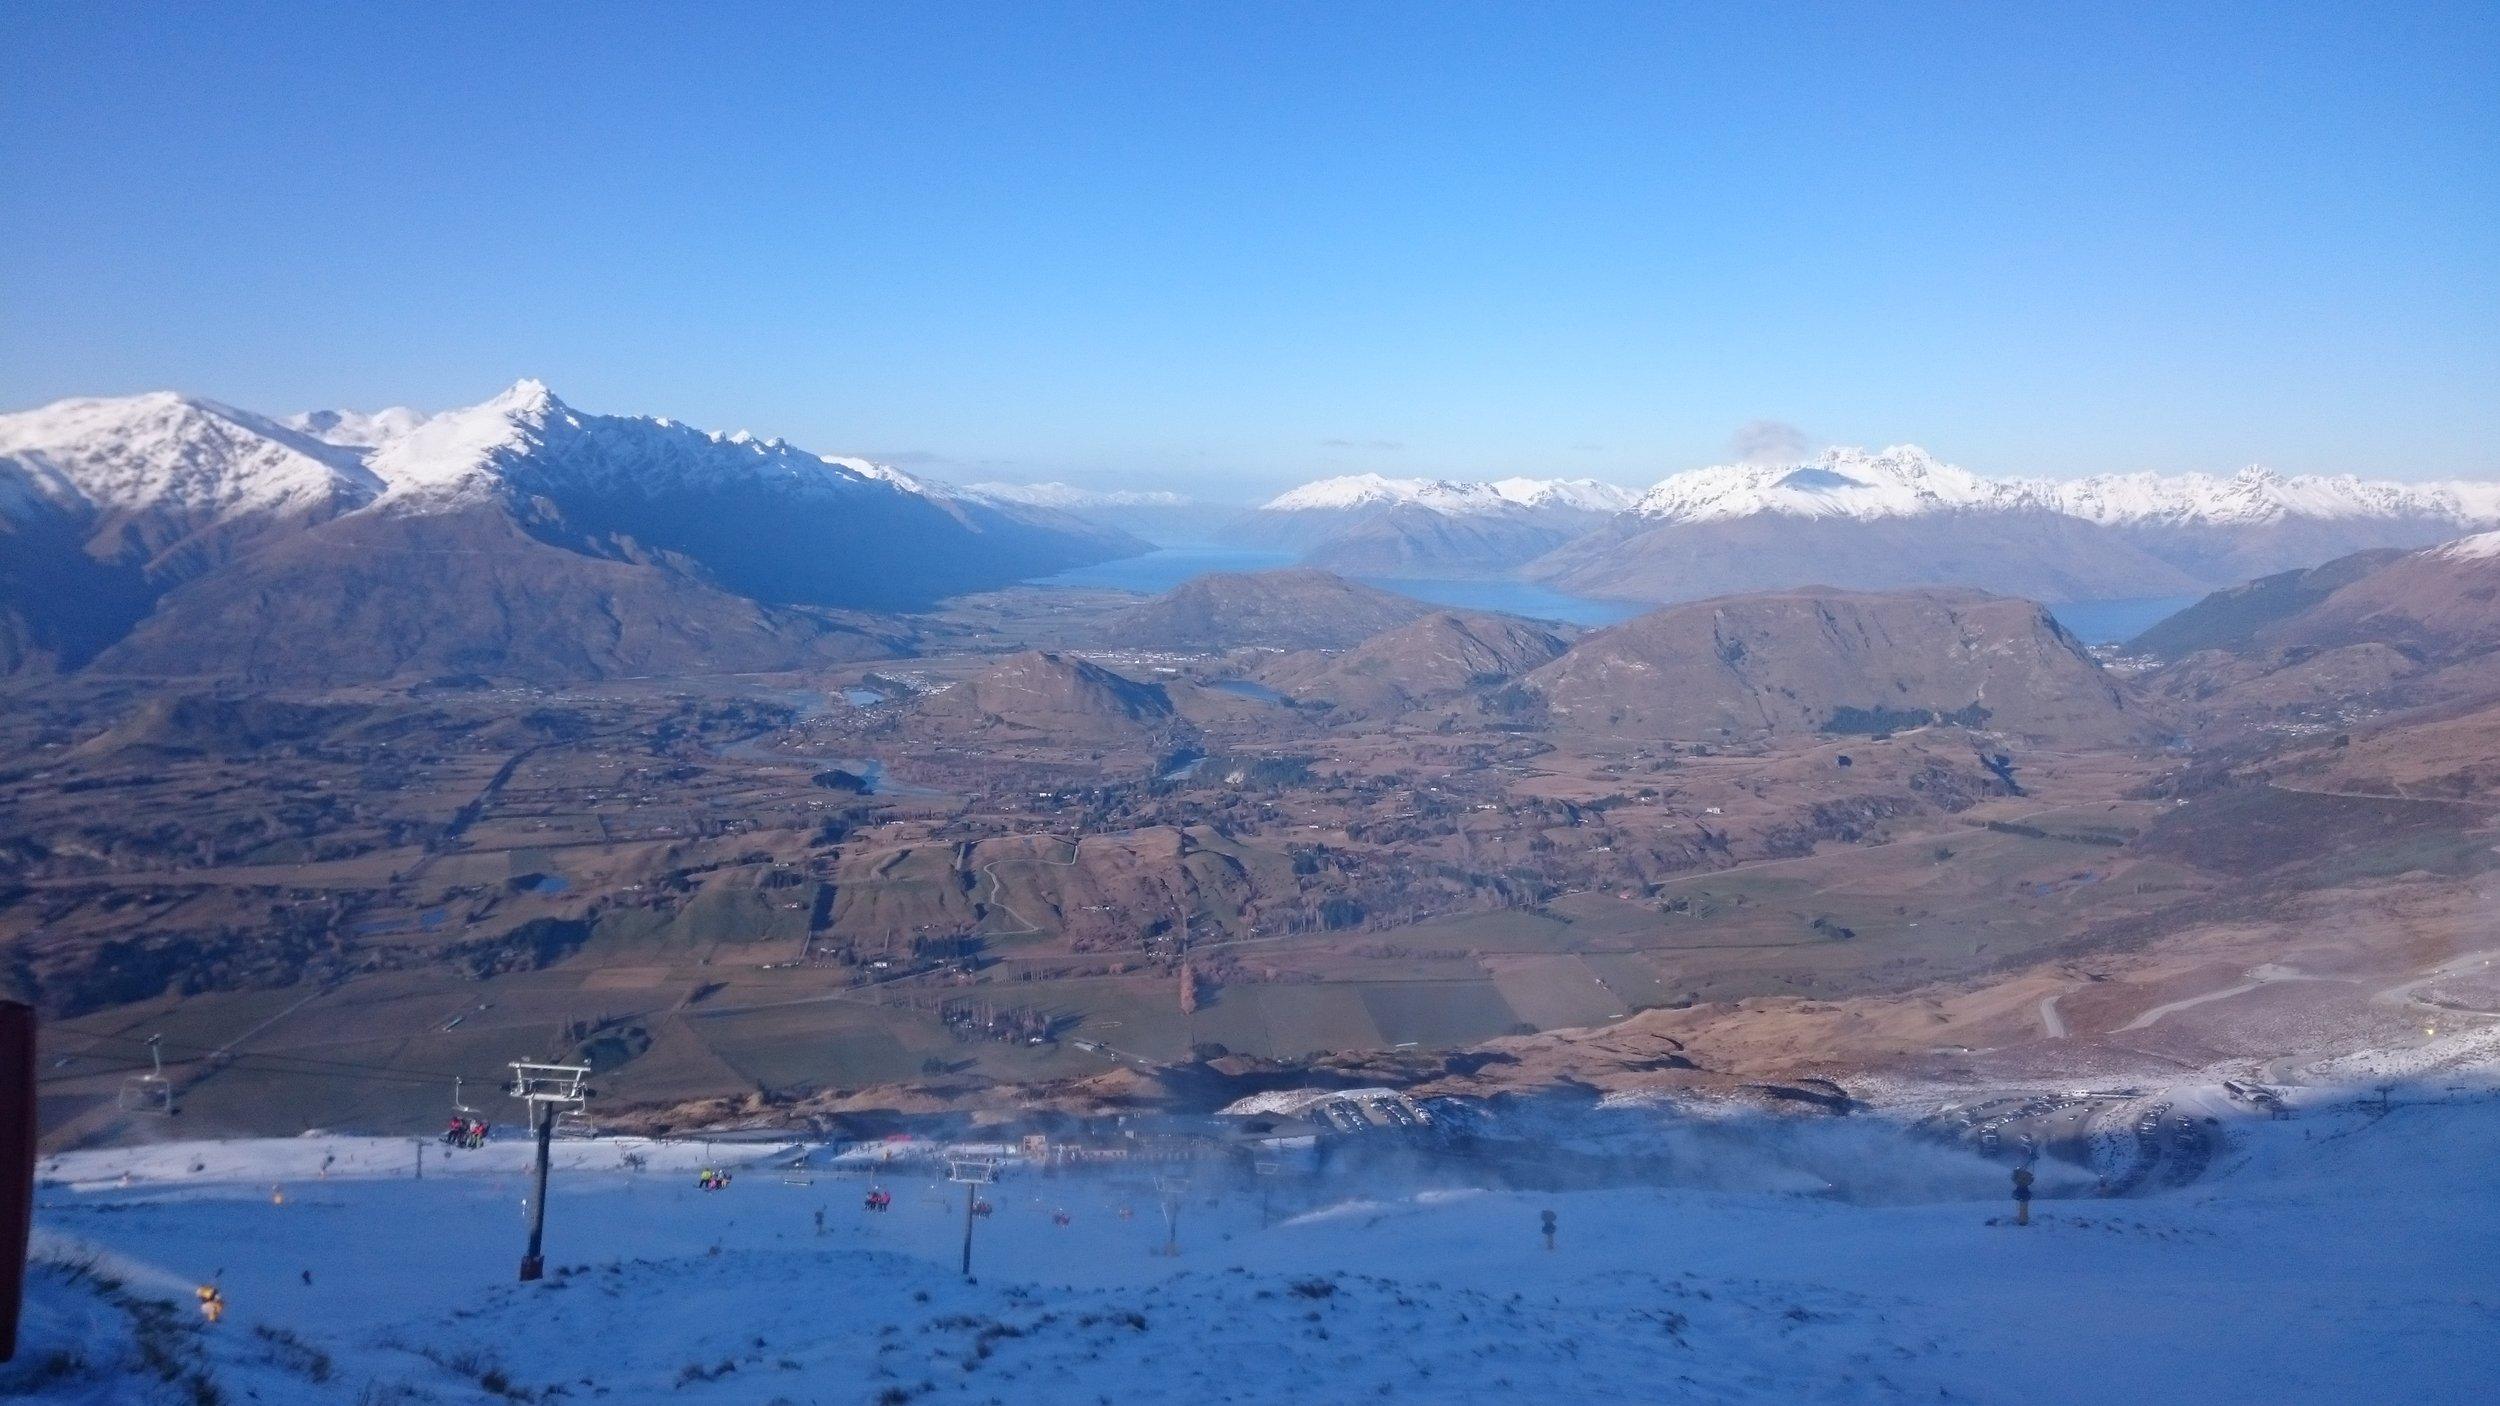 View across Wakatipu Basin from Coronet Peak, NZ